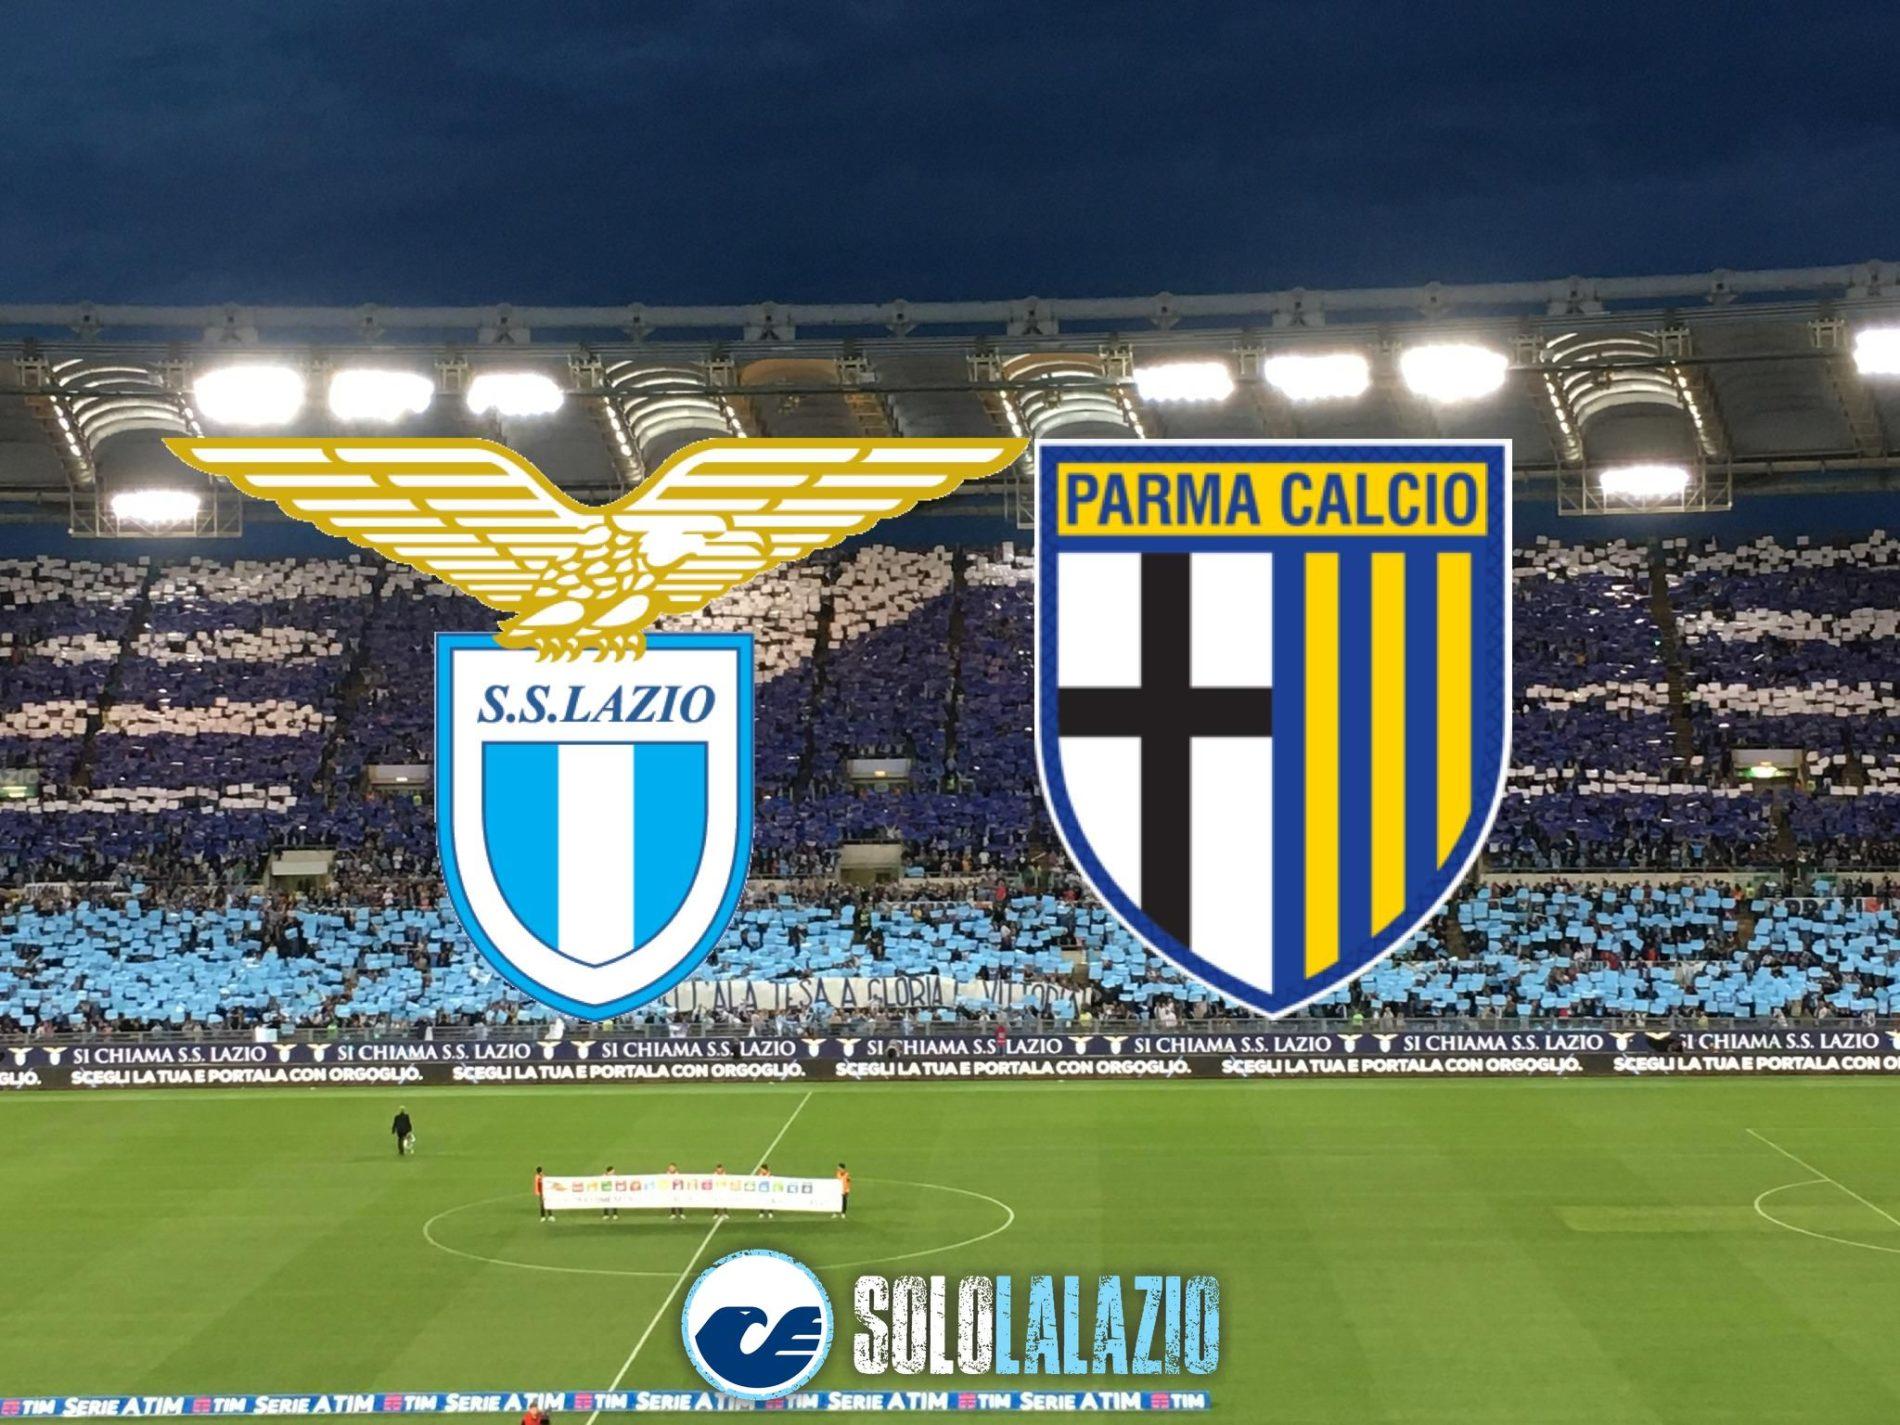 Lazio - Parma, 4ª giornata Serie A 2019/20